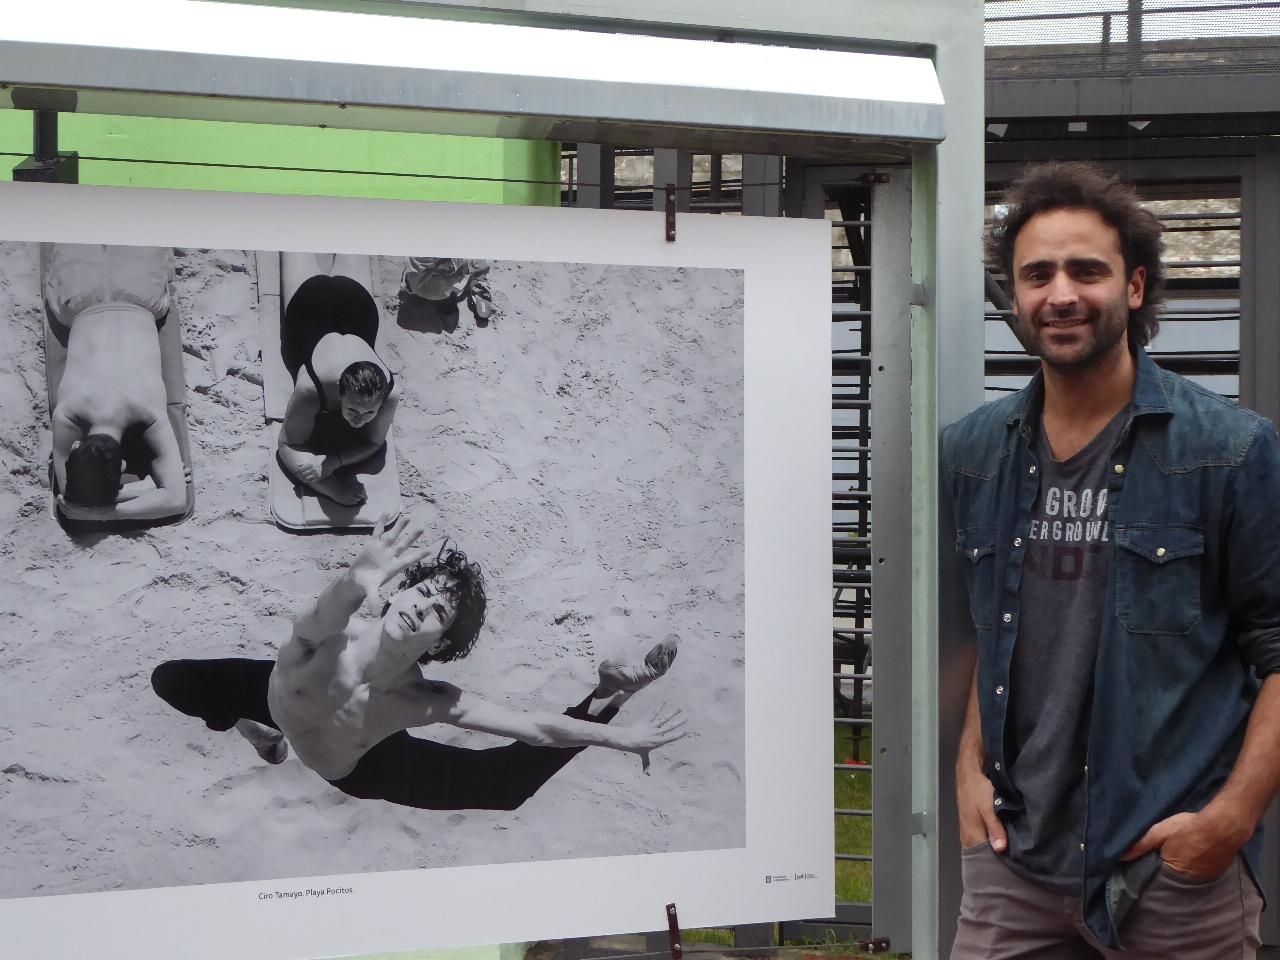 Santiago Barreiro junto a una de sus fotos que muestra a Ciro Tamayo en uno de sus saltos y a una vecina de Montevideo en una de sus sorpresas. Gentileza Tanya Campos.